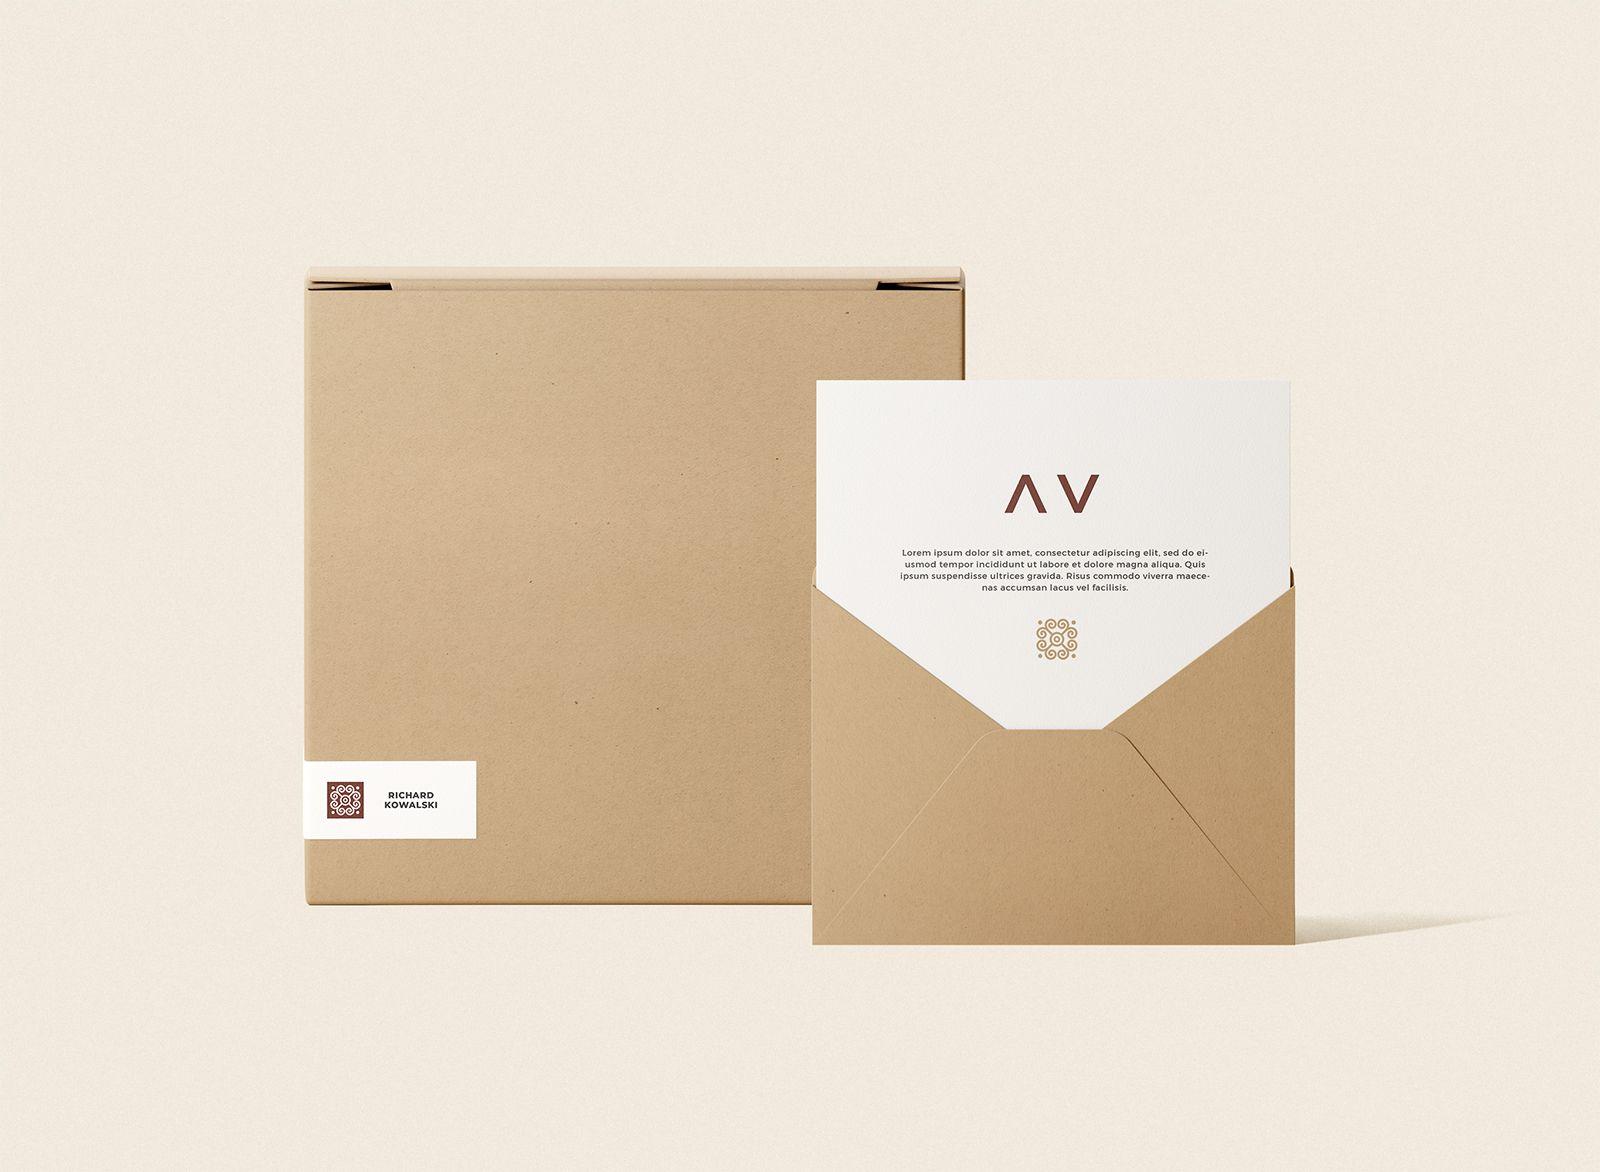 Download Envelope And Box Mockup Free Mockup Box Mockup Stationery Mockup Free Mockup